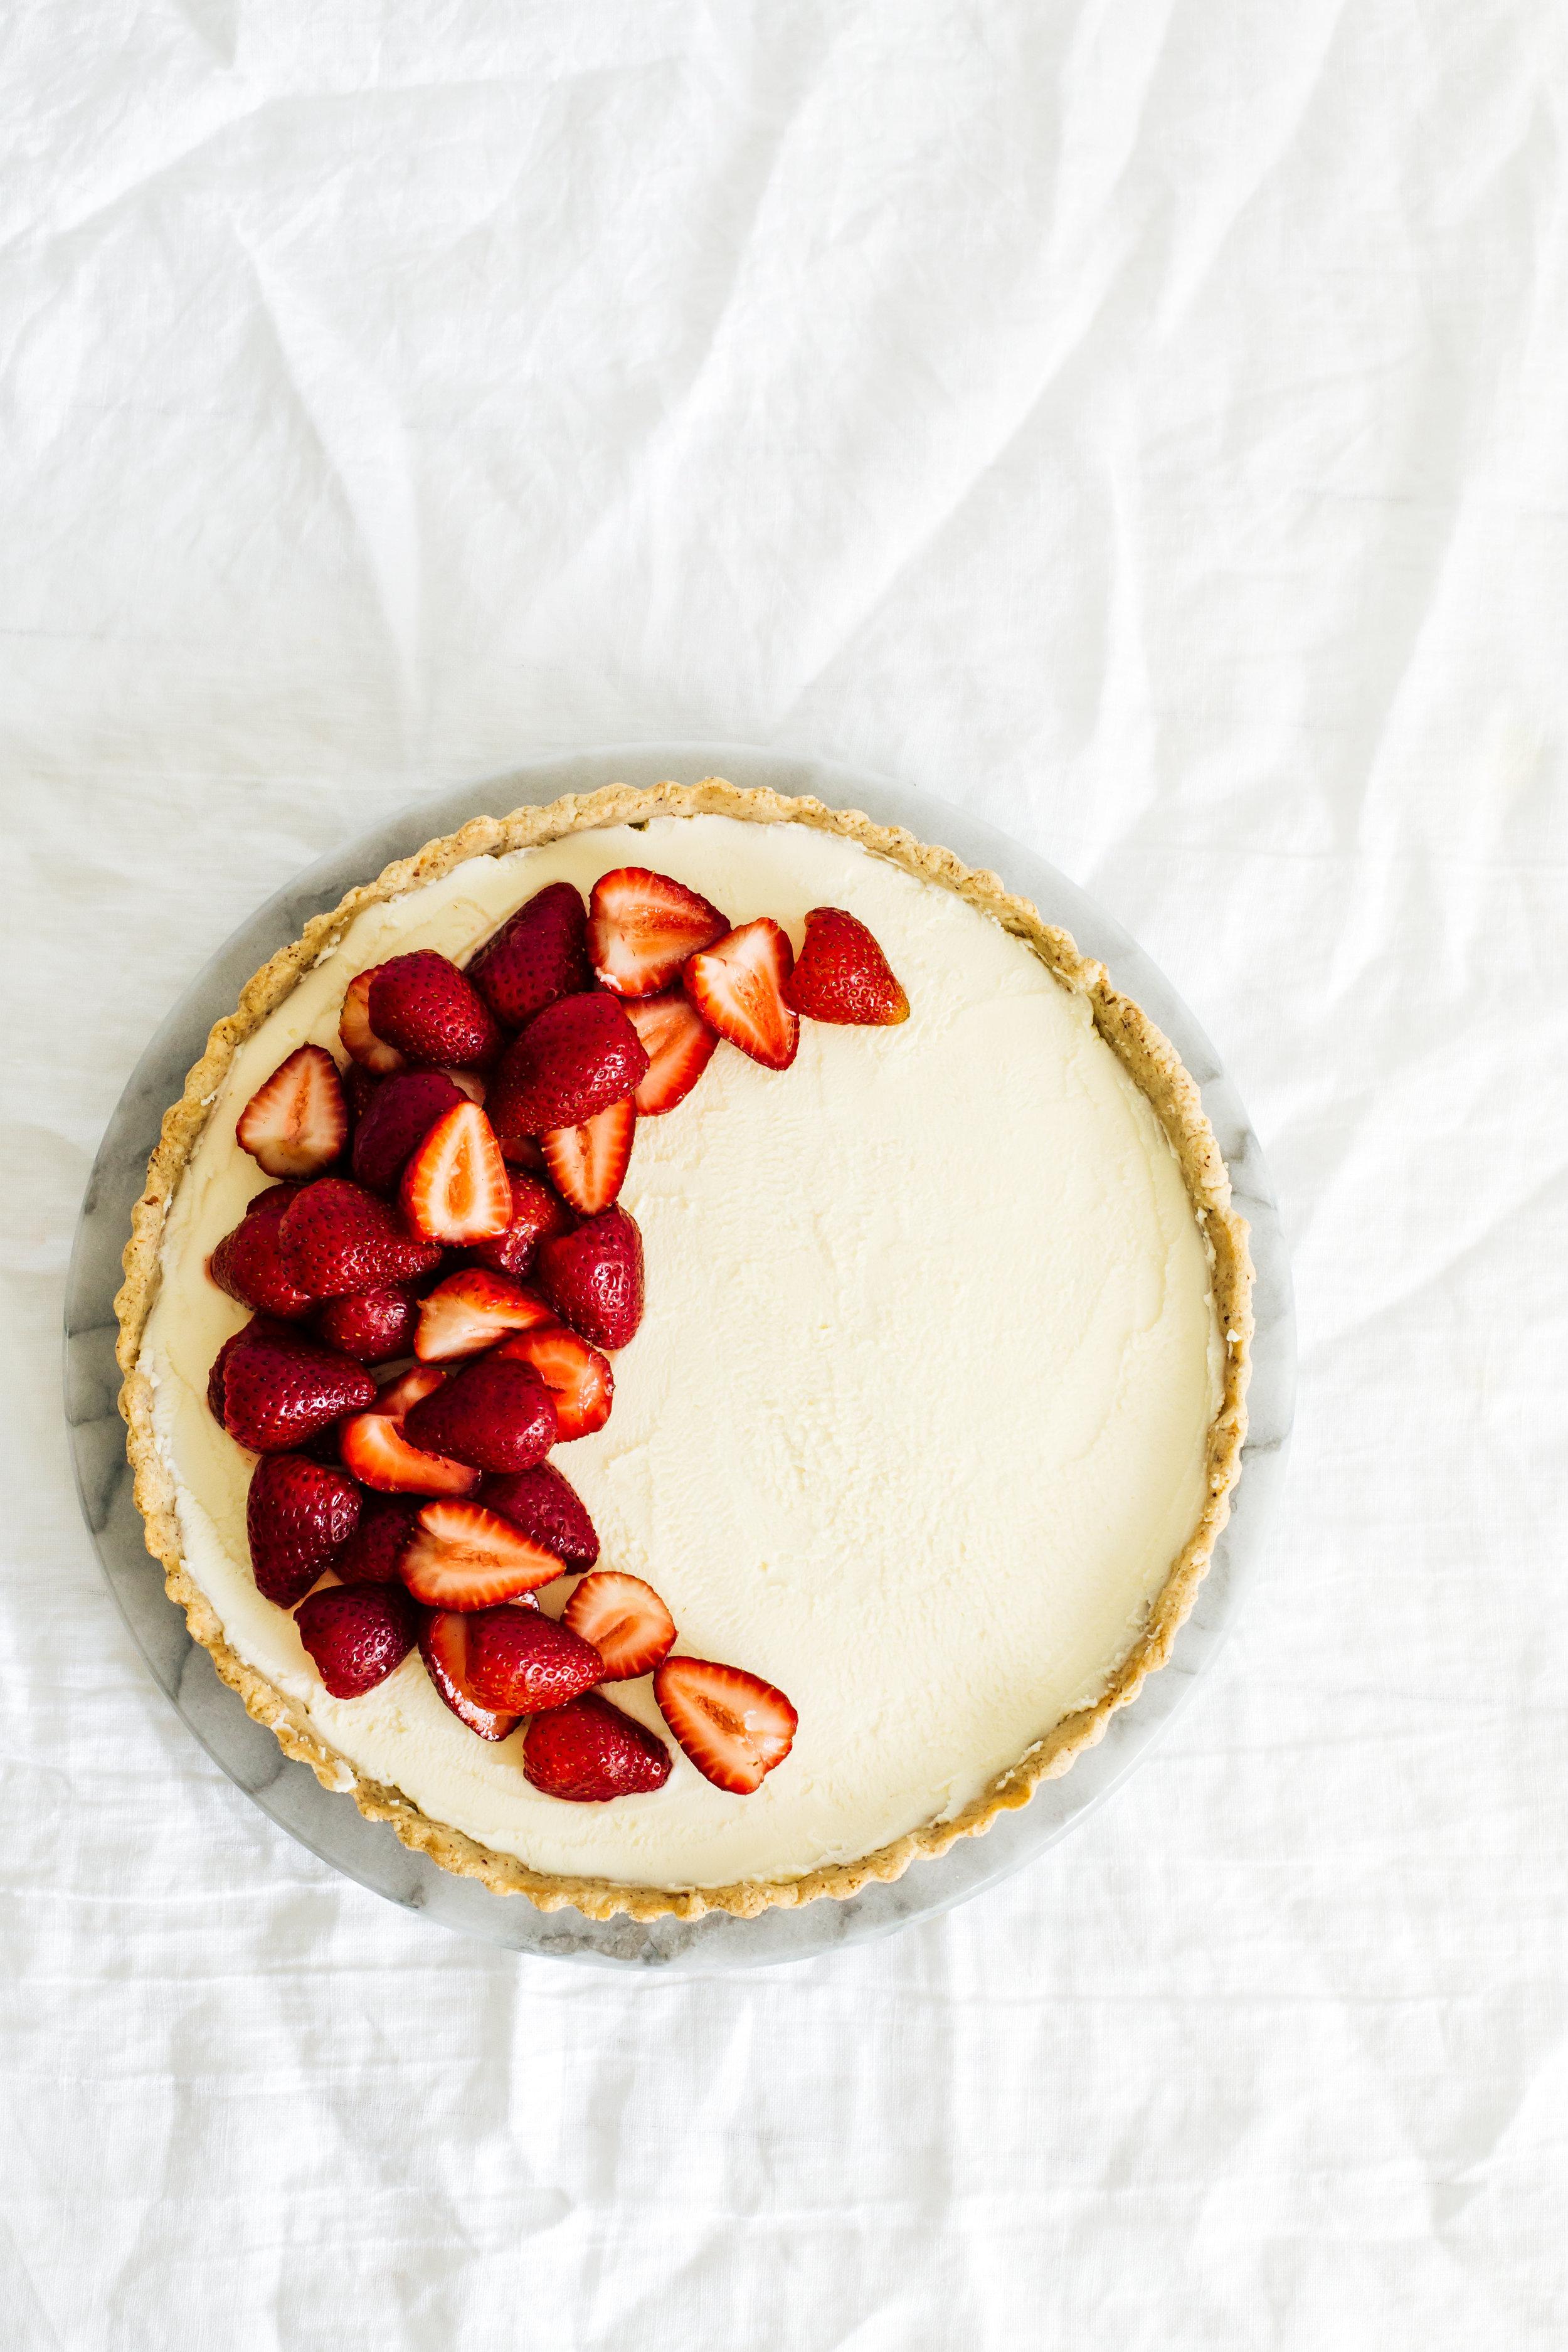 strawberry_hazelnut_tart-28.jpg